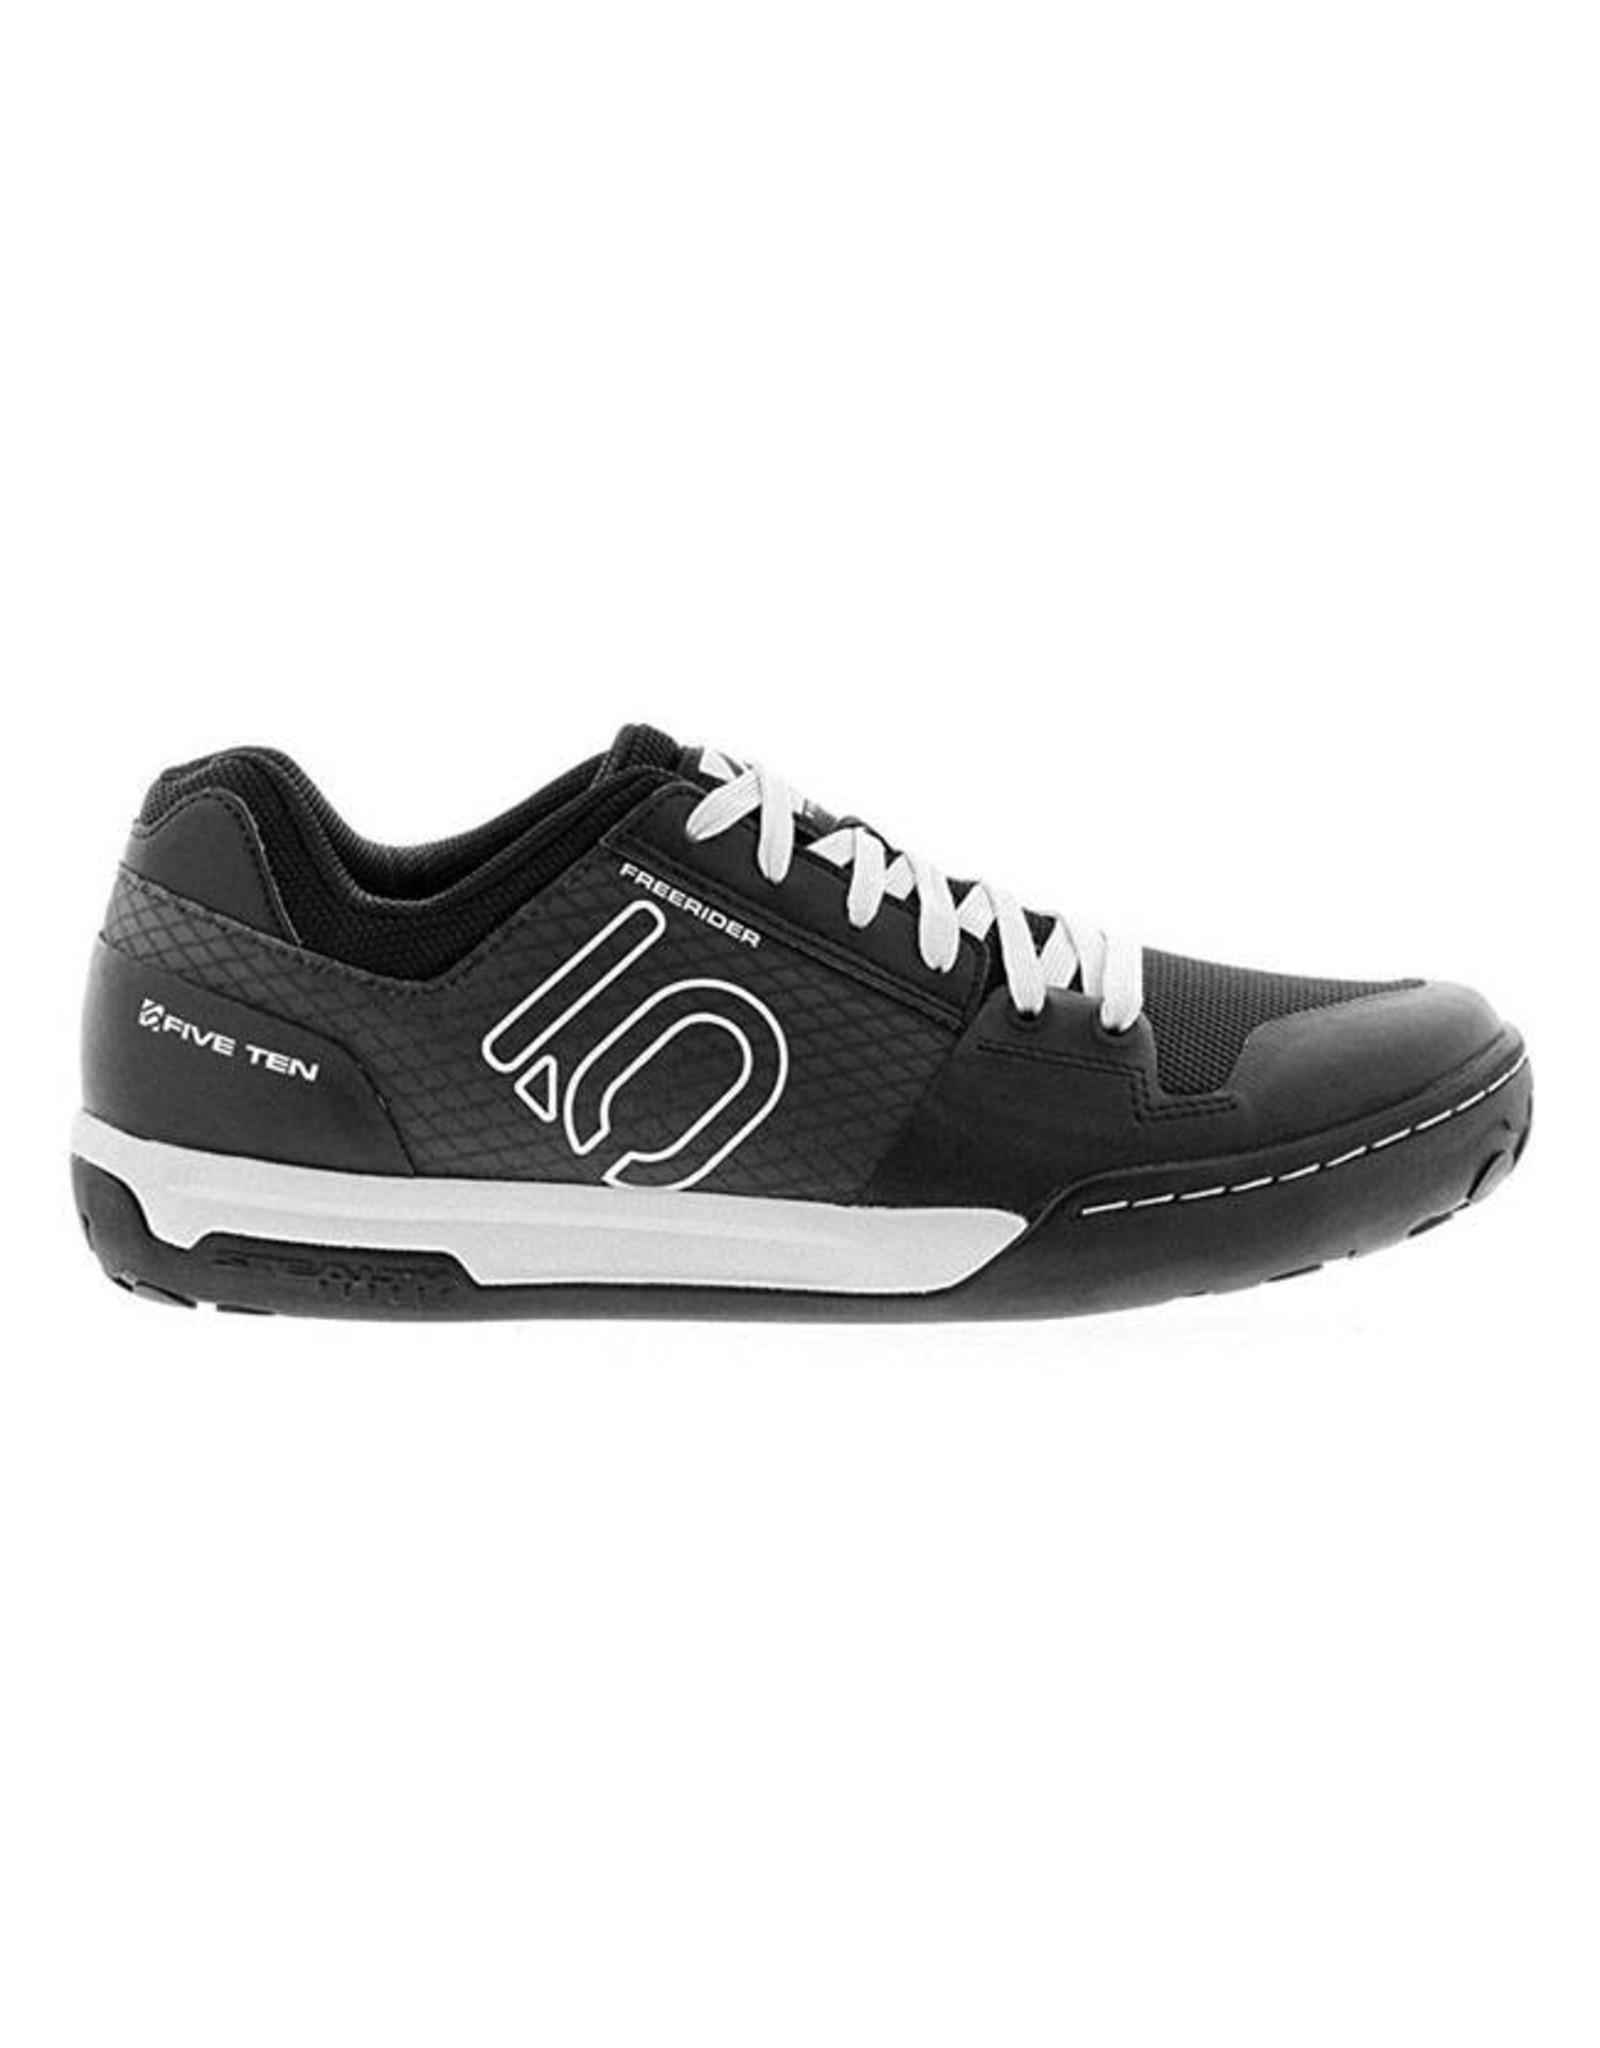 Five Ten Five Ten Freerider Contact Men's Flat Pedal Shoe: Split Black 13